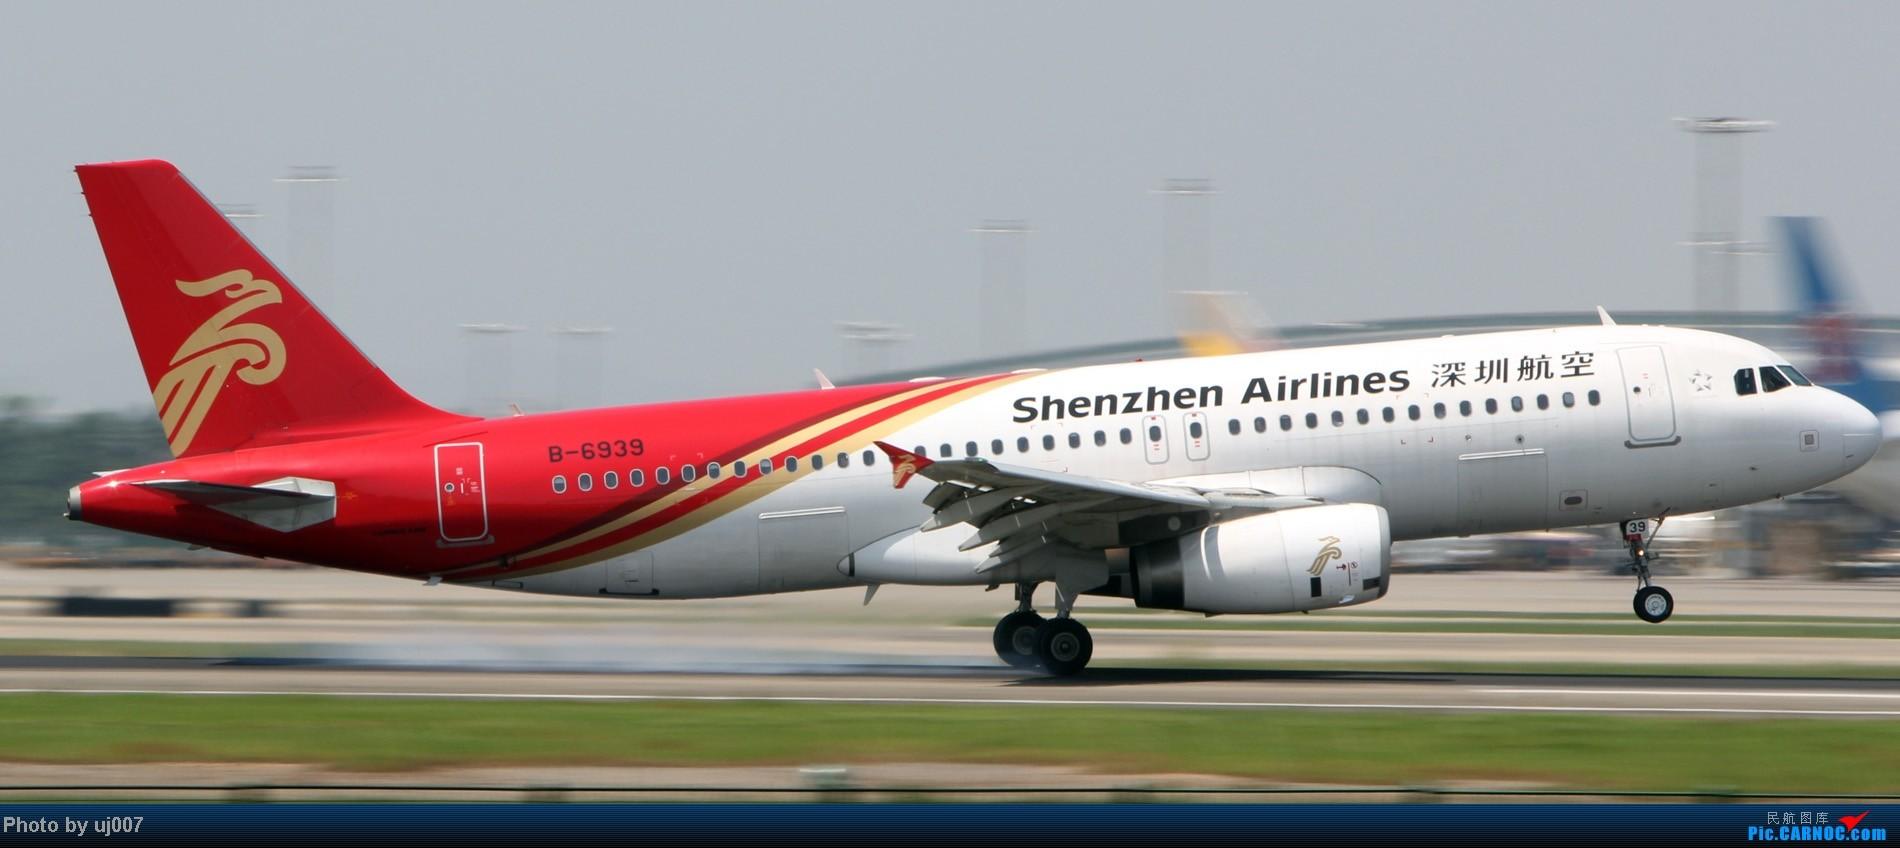 Re:[原创]10月2日白云拍机(大飞机,特别妆,外航,闪灯,擦烟)求指点. AIRBUS A320-200 B-6939 中国广州白云机场